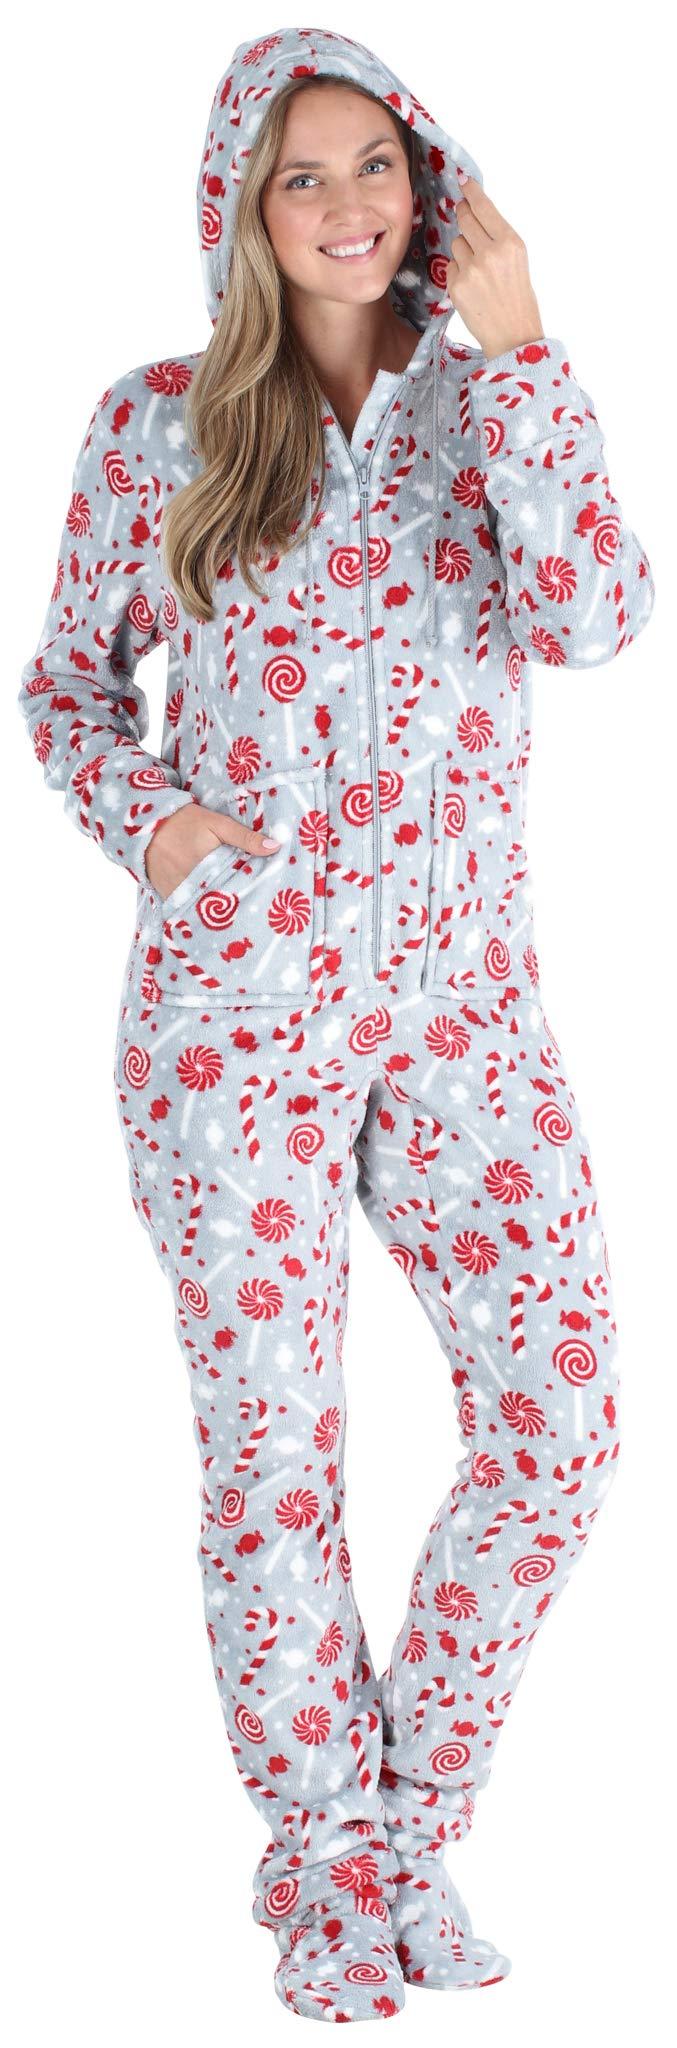 SleepytimePJs Womens Fleece Hooded Footed Onesie Pajama